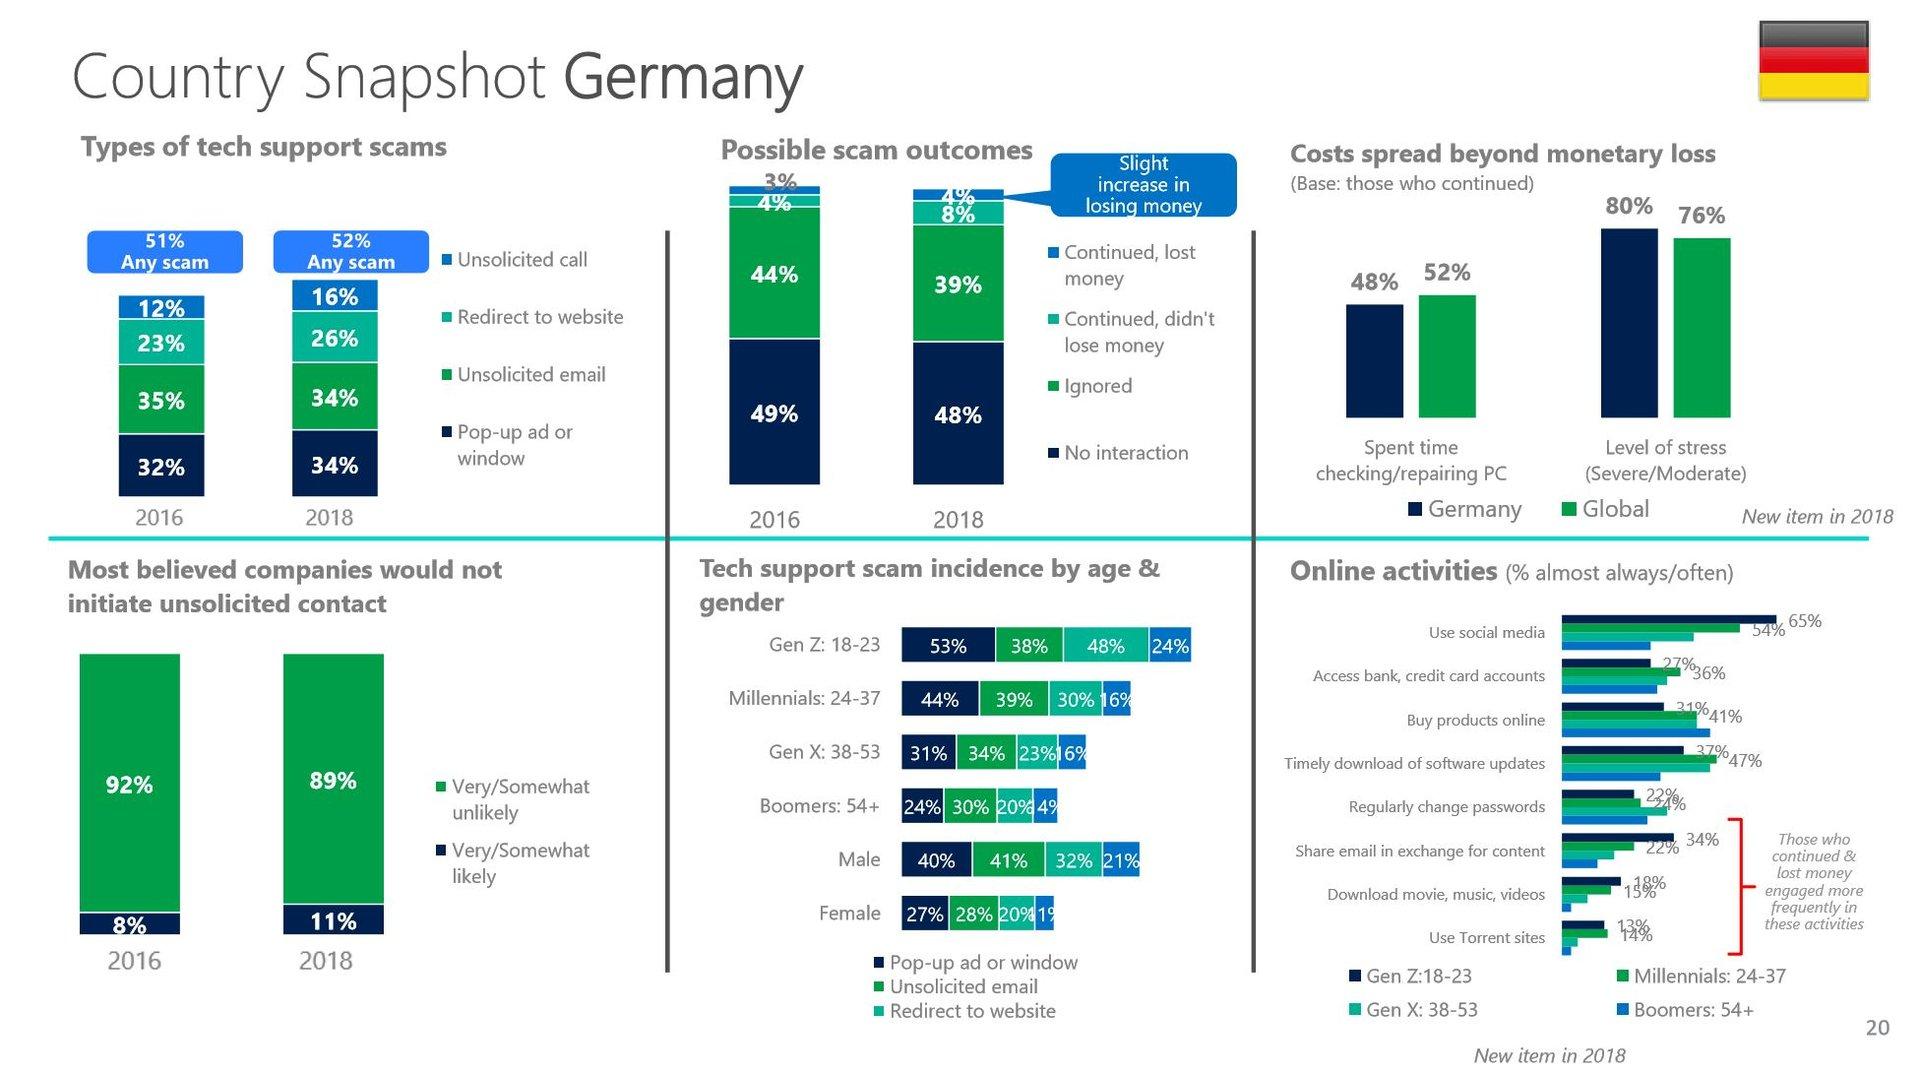 Internetbetrug-Statistiken zu Deutschland von 2016 und 2018